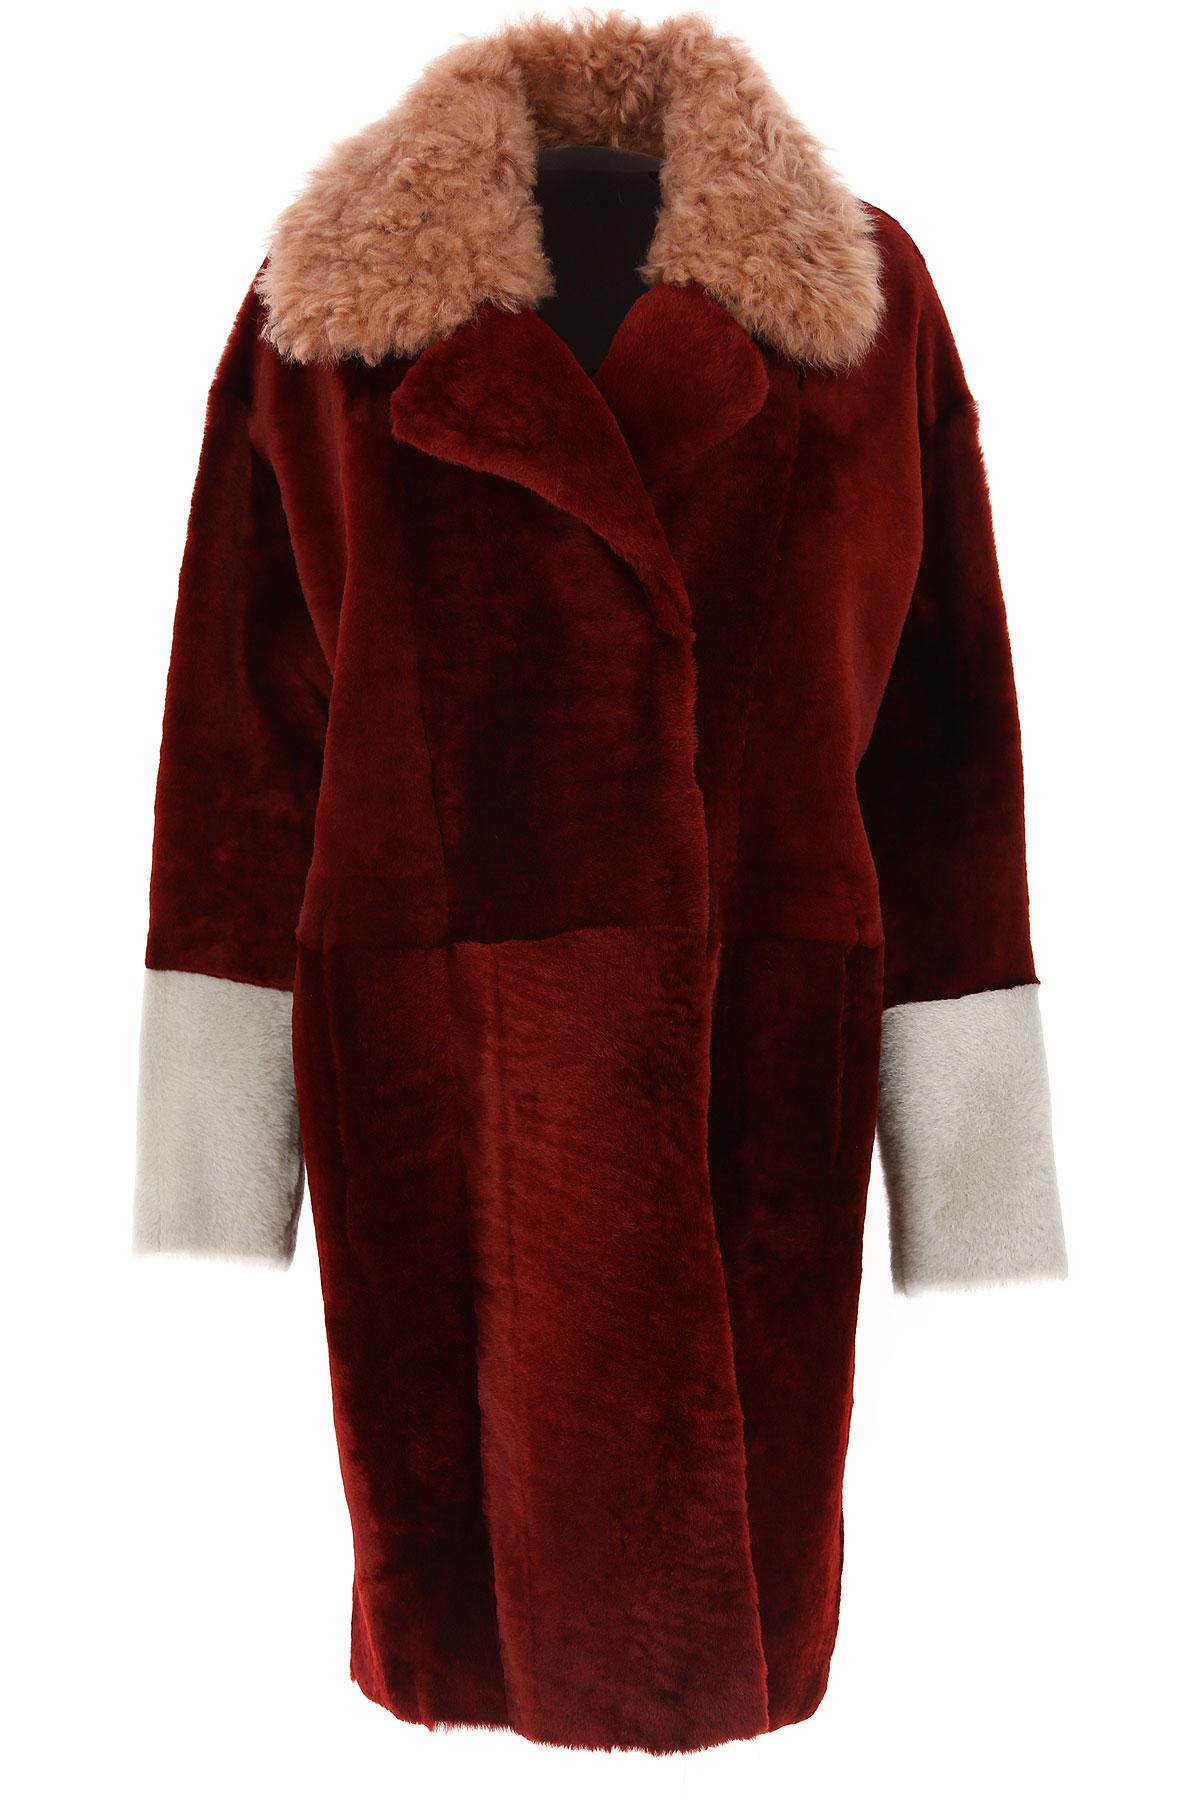 Image of Drome Women\'s Coat, Red, Fur, 2017, 4 6